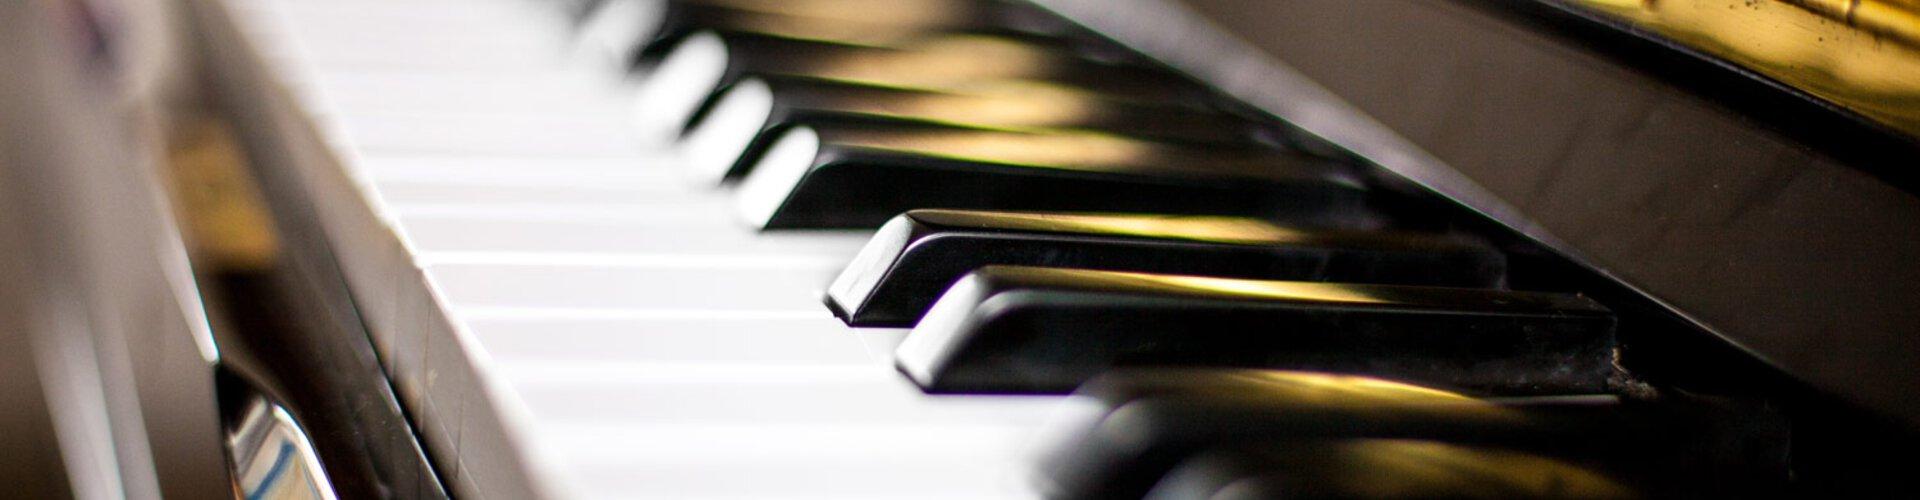 Ausbildung zur Lehrkraft für Musik bei GENIMA